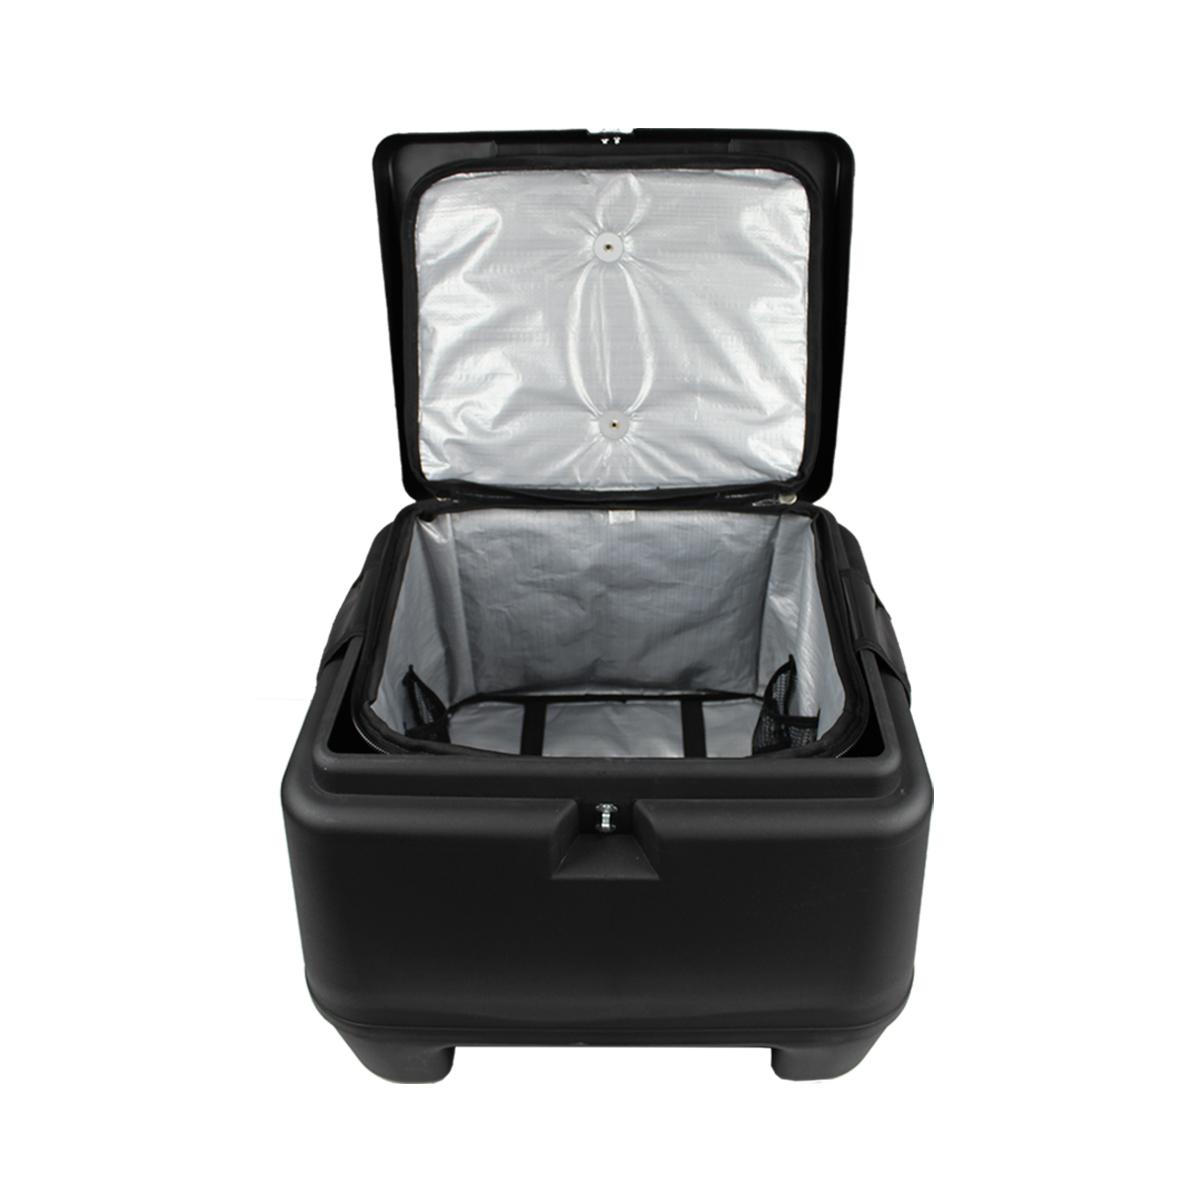 Big Box 43 - Bag Para Bau De Moto Protork 80 Litros - Bag Lev